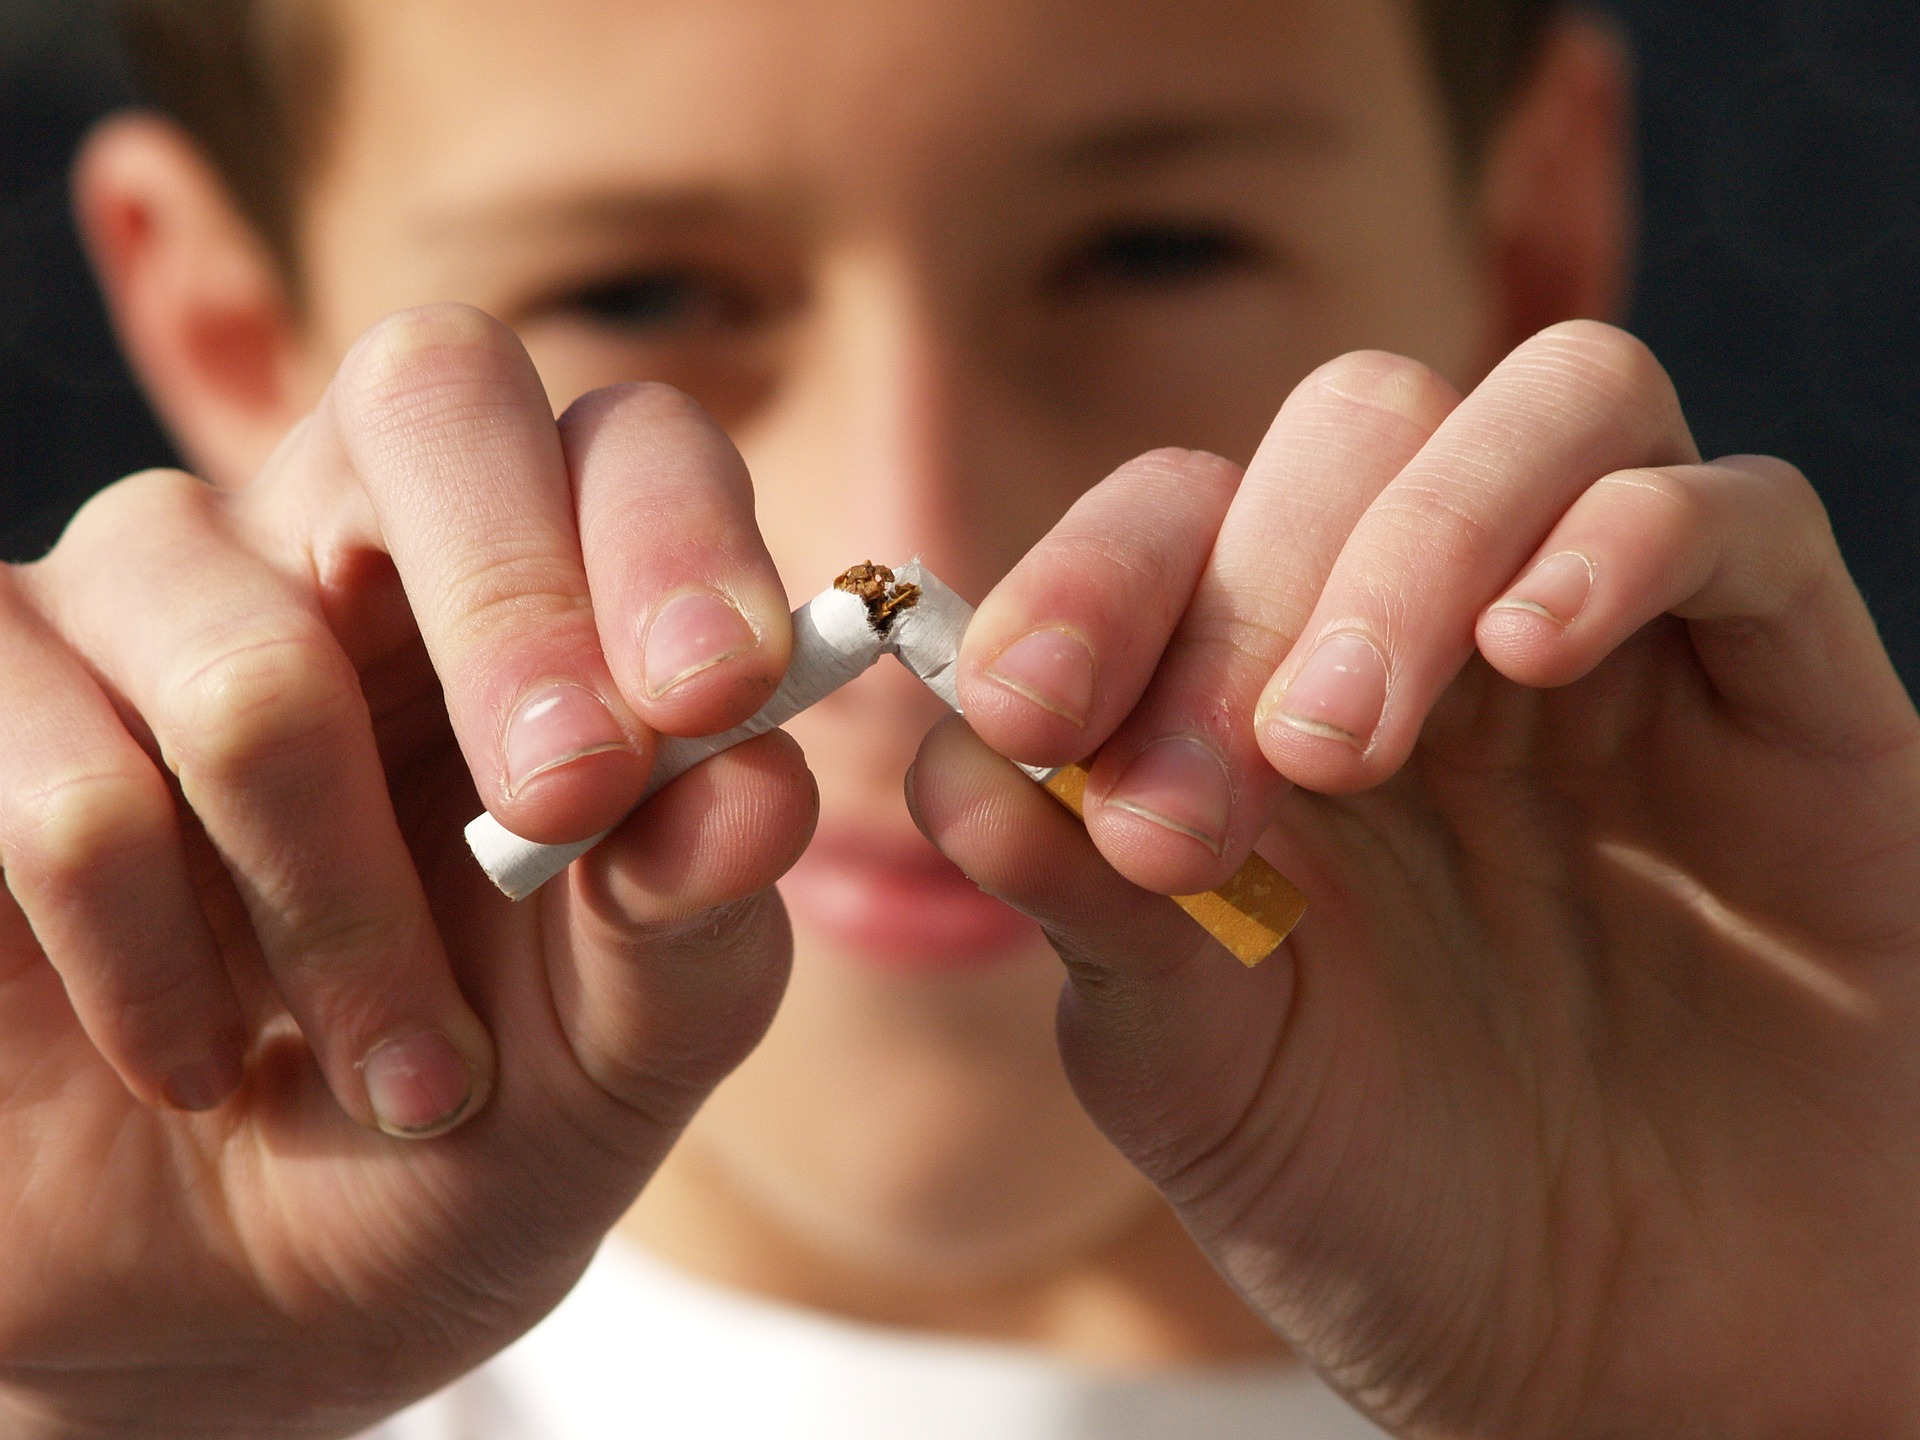 Die letzte Zigarette dank ganzheitlicher Rauchentwöhnung